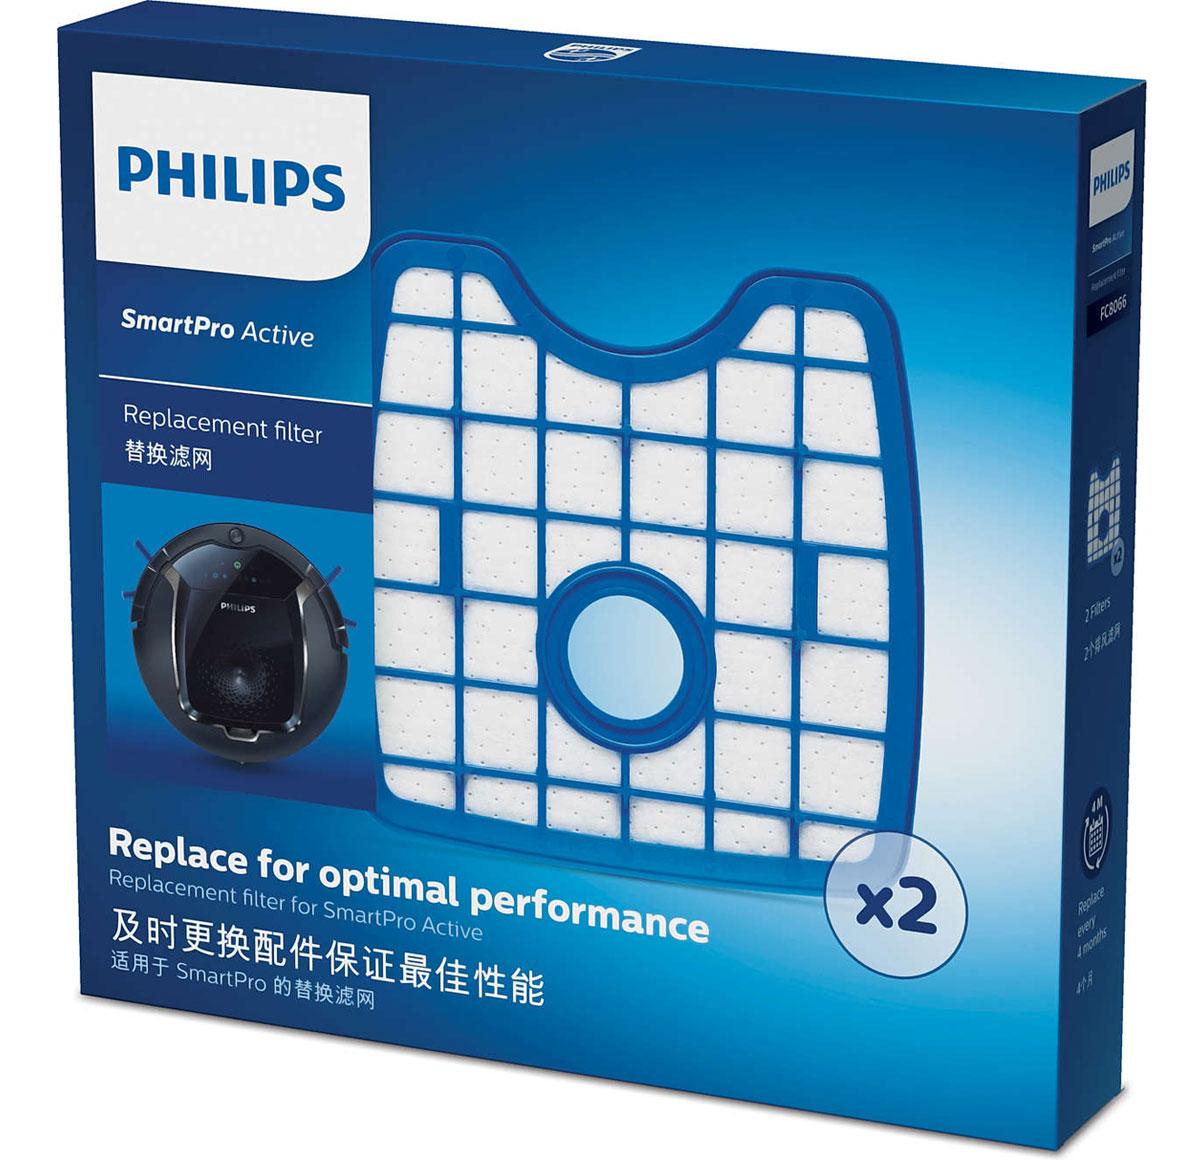 Philips FC8066/01 набор аксессуаров для робот-пылесосов SmartPro ActiveFC8066/01В комплект Philips FC8066/01 входят 2 фильтра выходящего воздуха, каждый фильтр необходимо заменять один раз в четыре месяца для продления срока службы робота-пылесоса и поддержания оптимальной производительности.